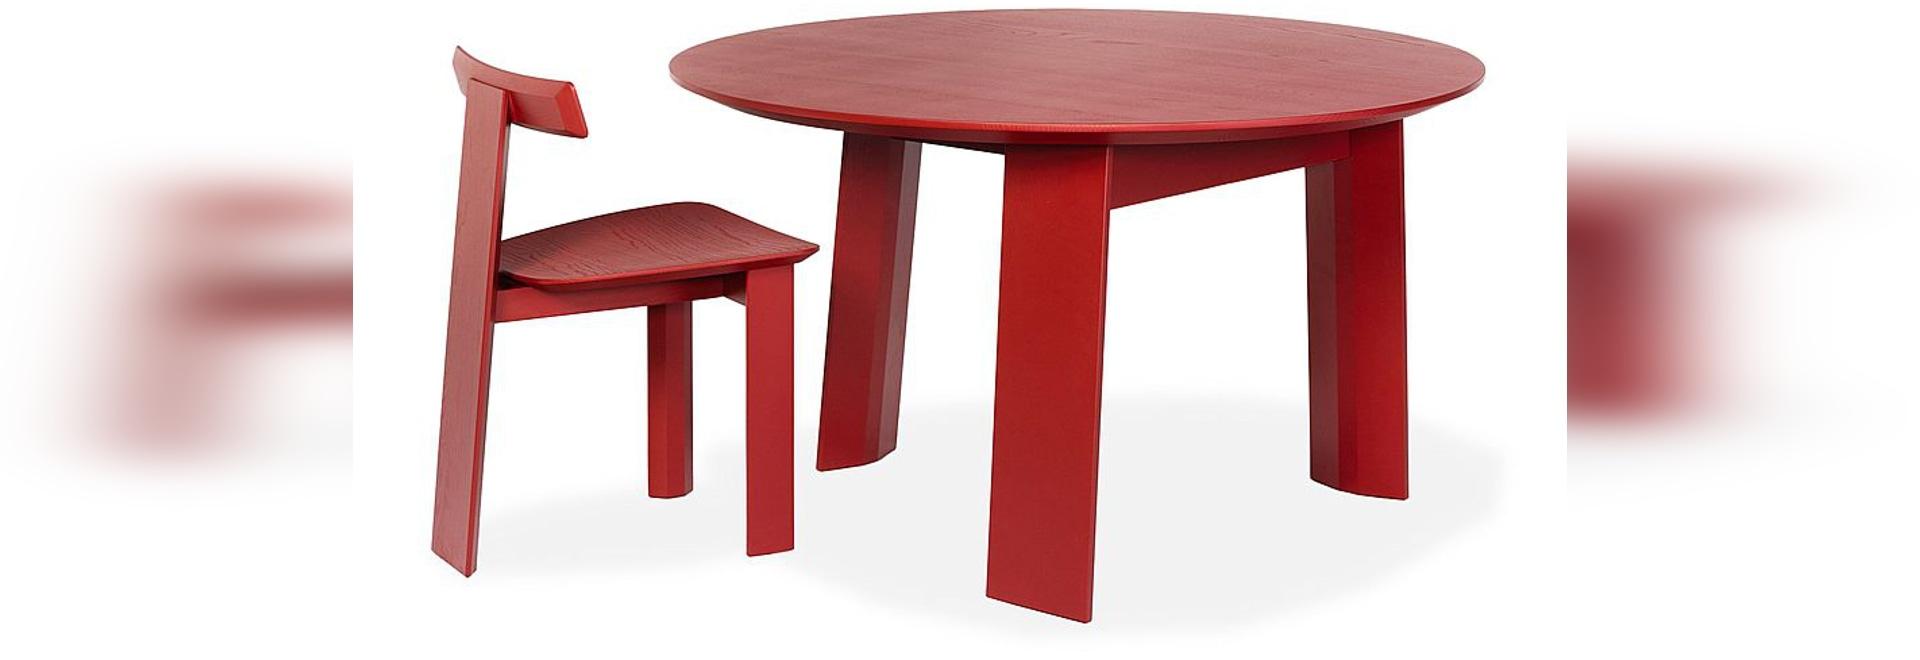 Mark Chair and Table by Sebastian Herkner